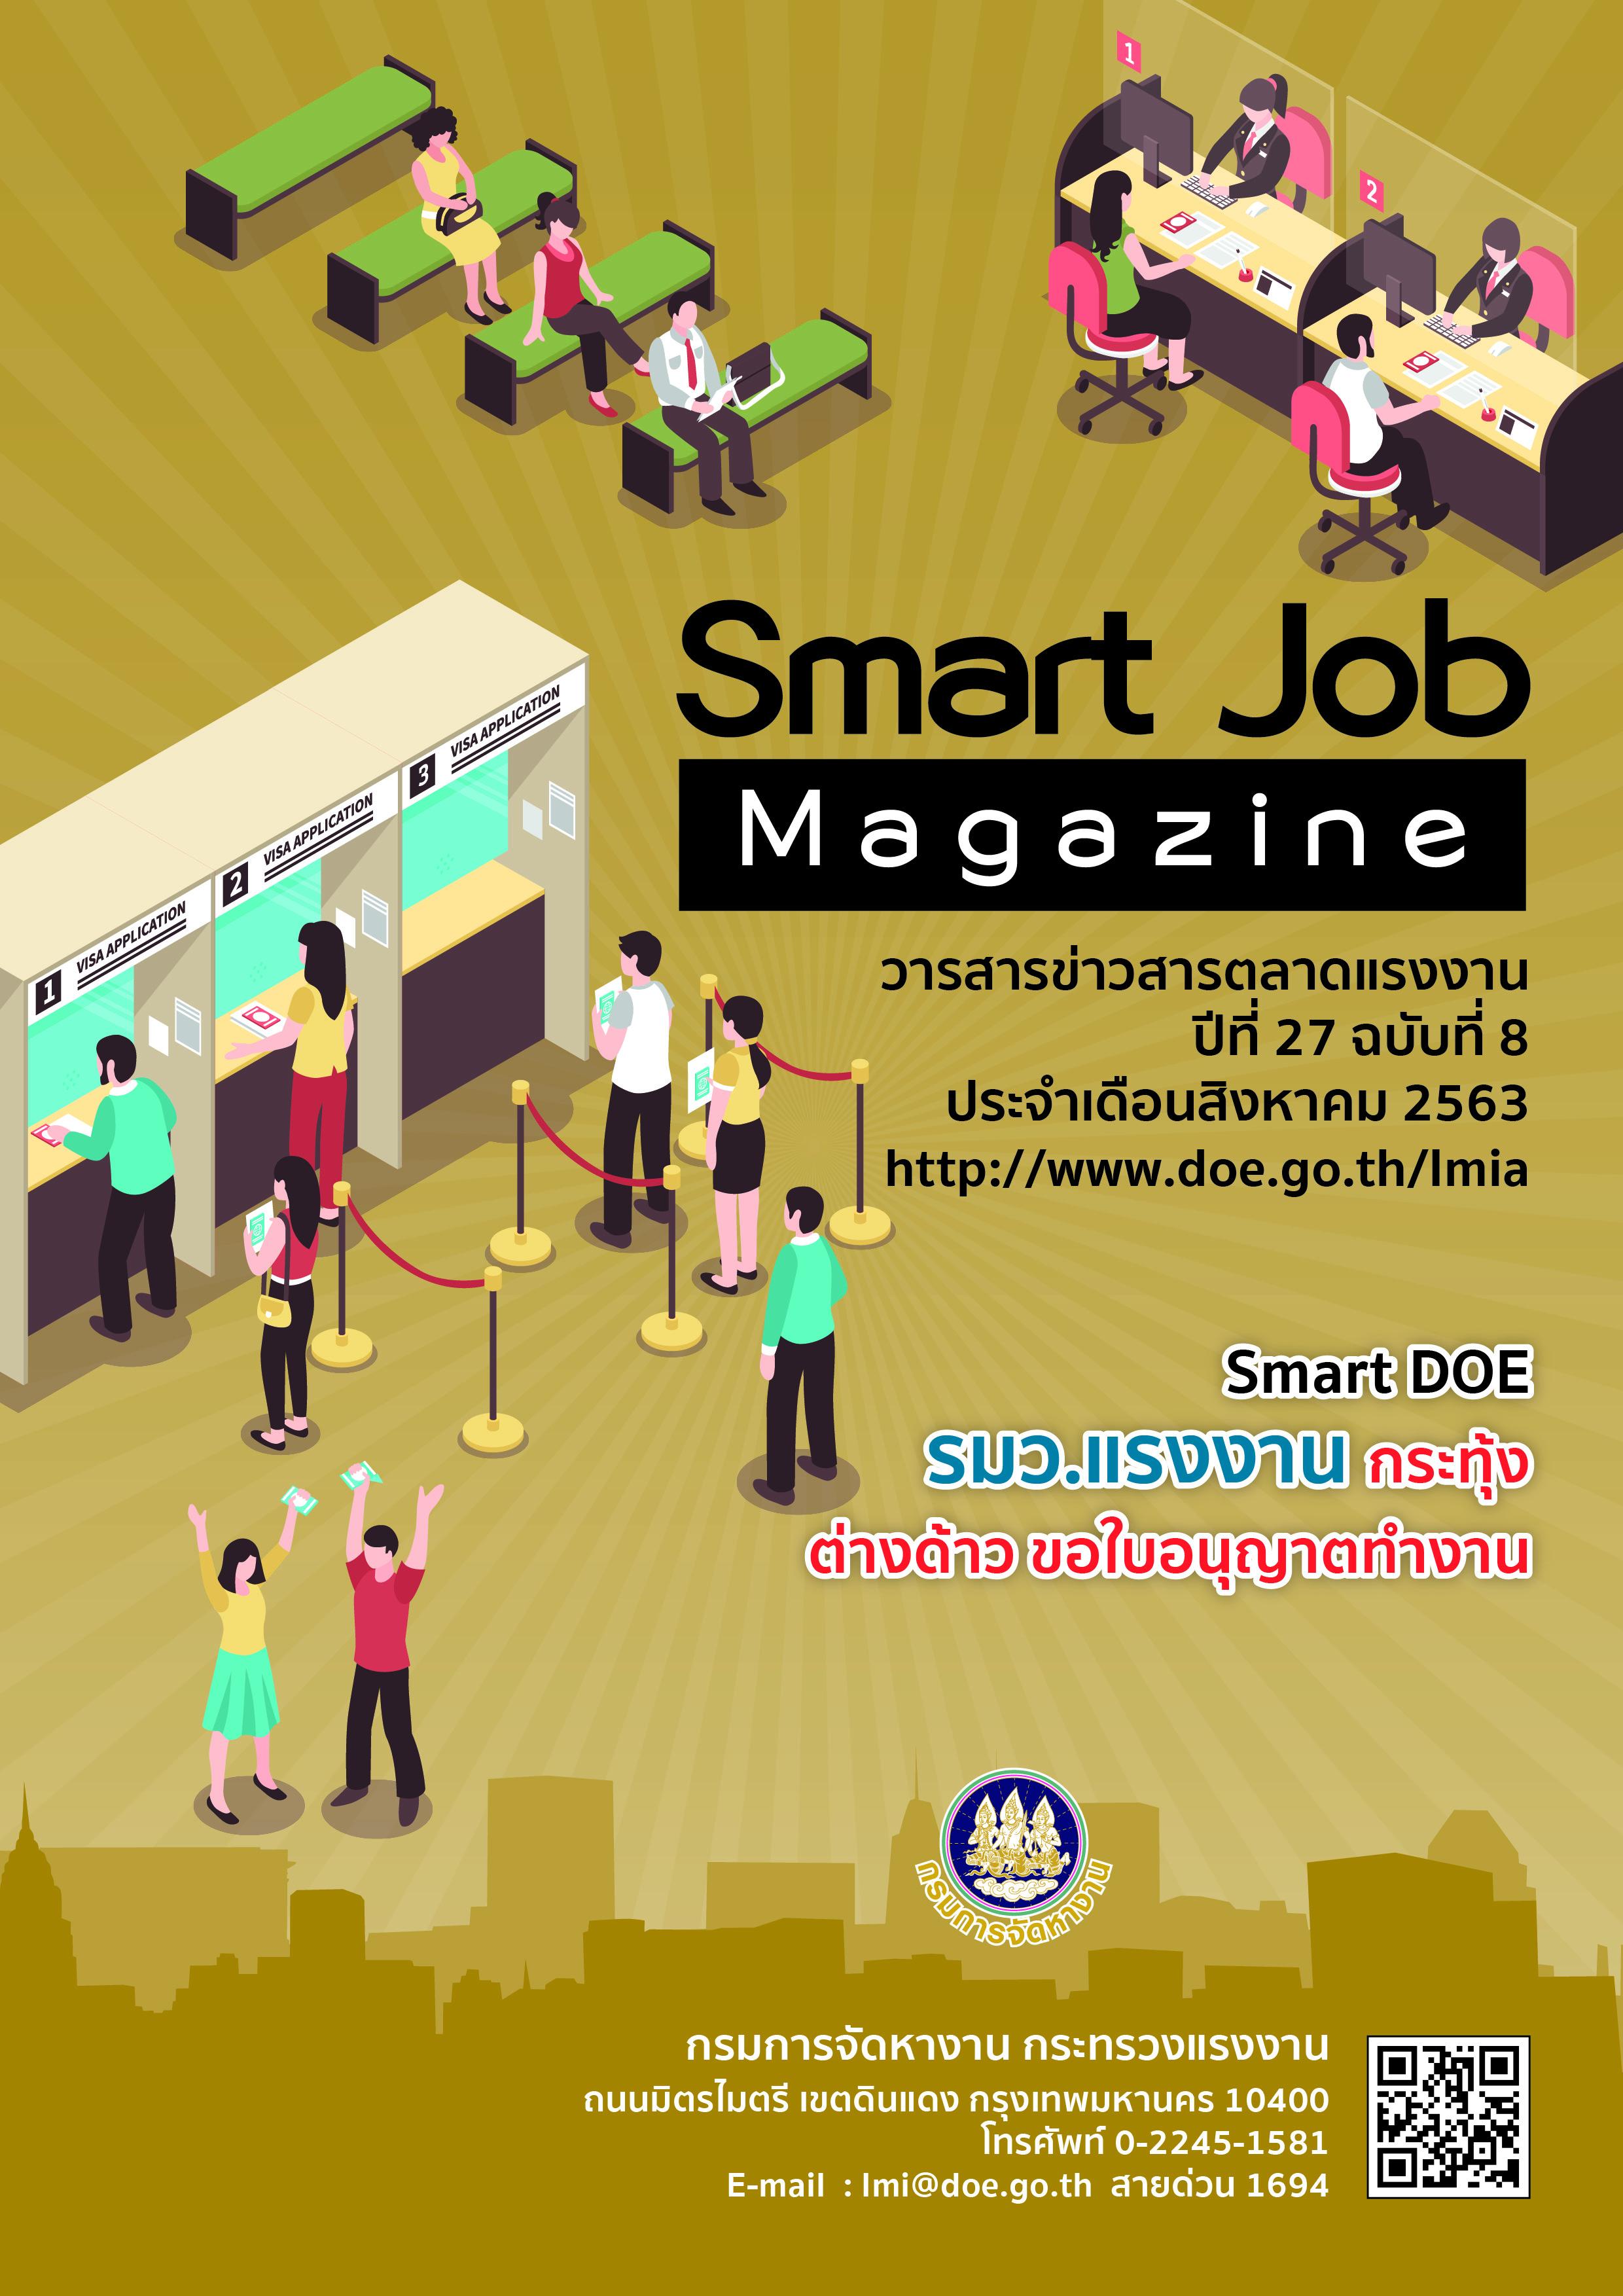 วารสารข่าวสารตลาดแรงงาน Smart Job Magazine ประจำเดือนสิงหาคม 2563